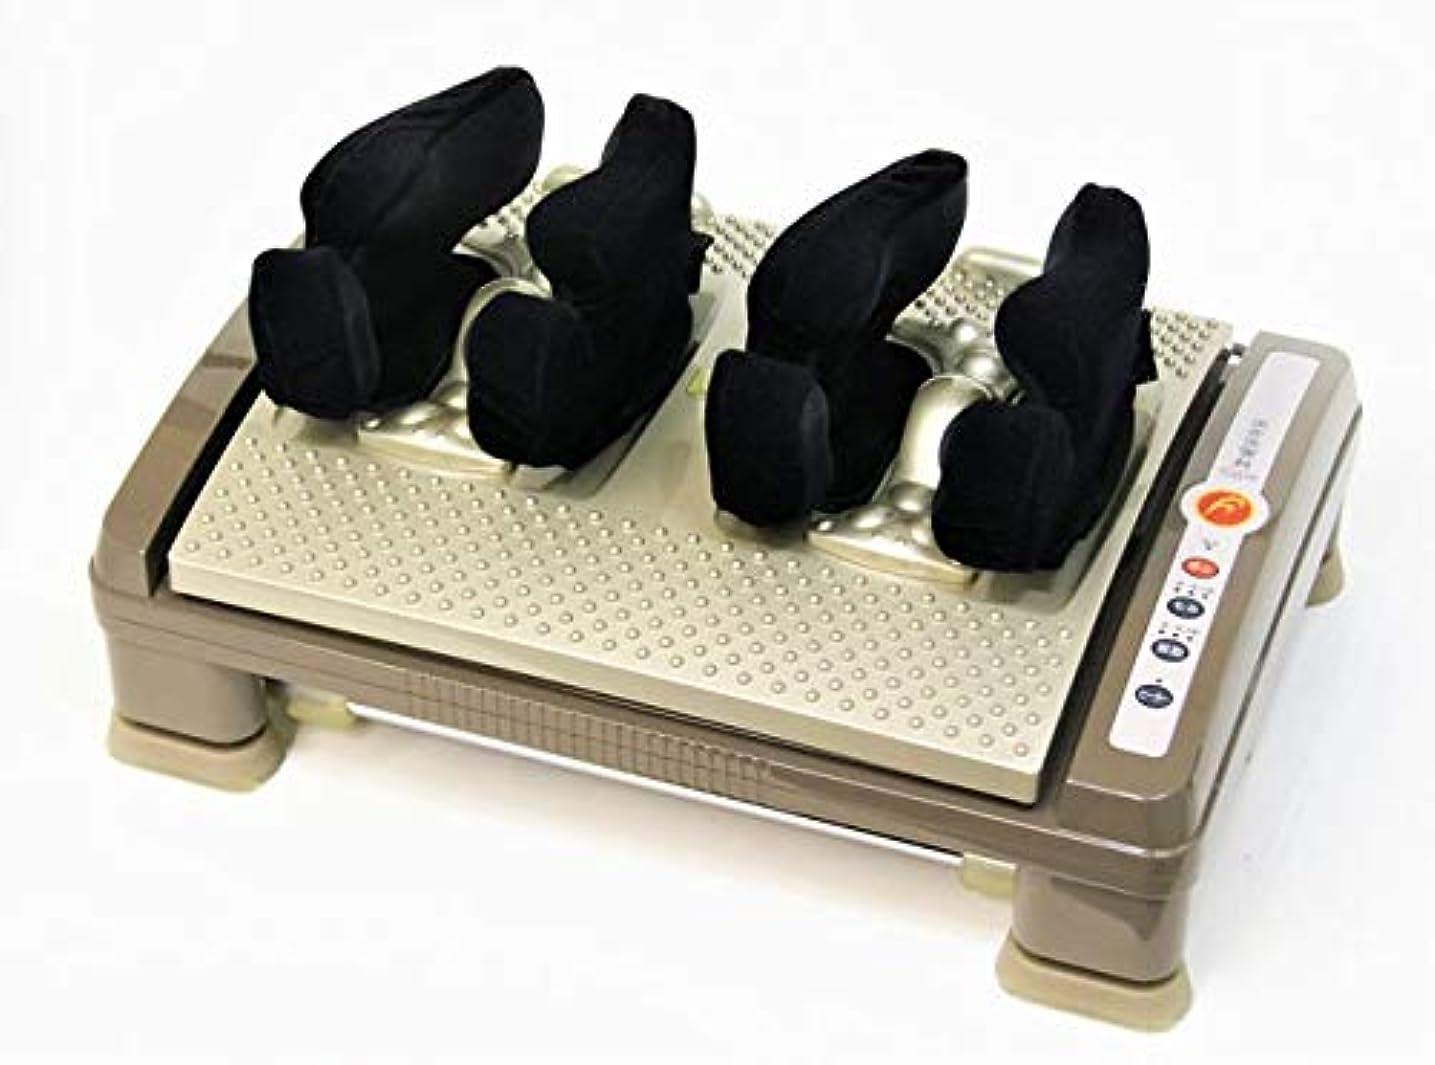 制限された見て乱闘フランス総合医療株式会社 MF-5100 フットマッサージャー 『歩きま専科』 電気マッサージ器